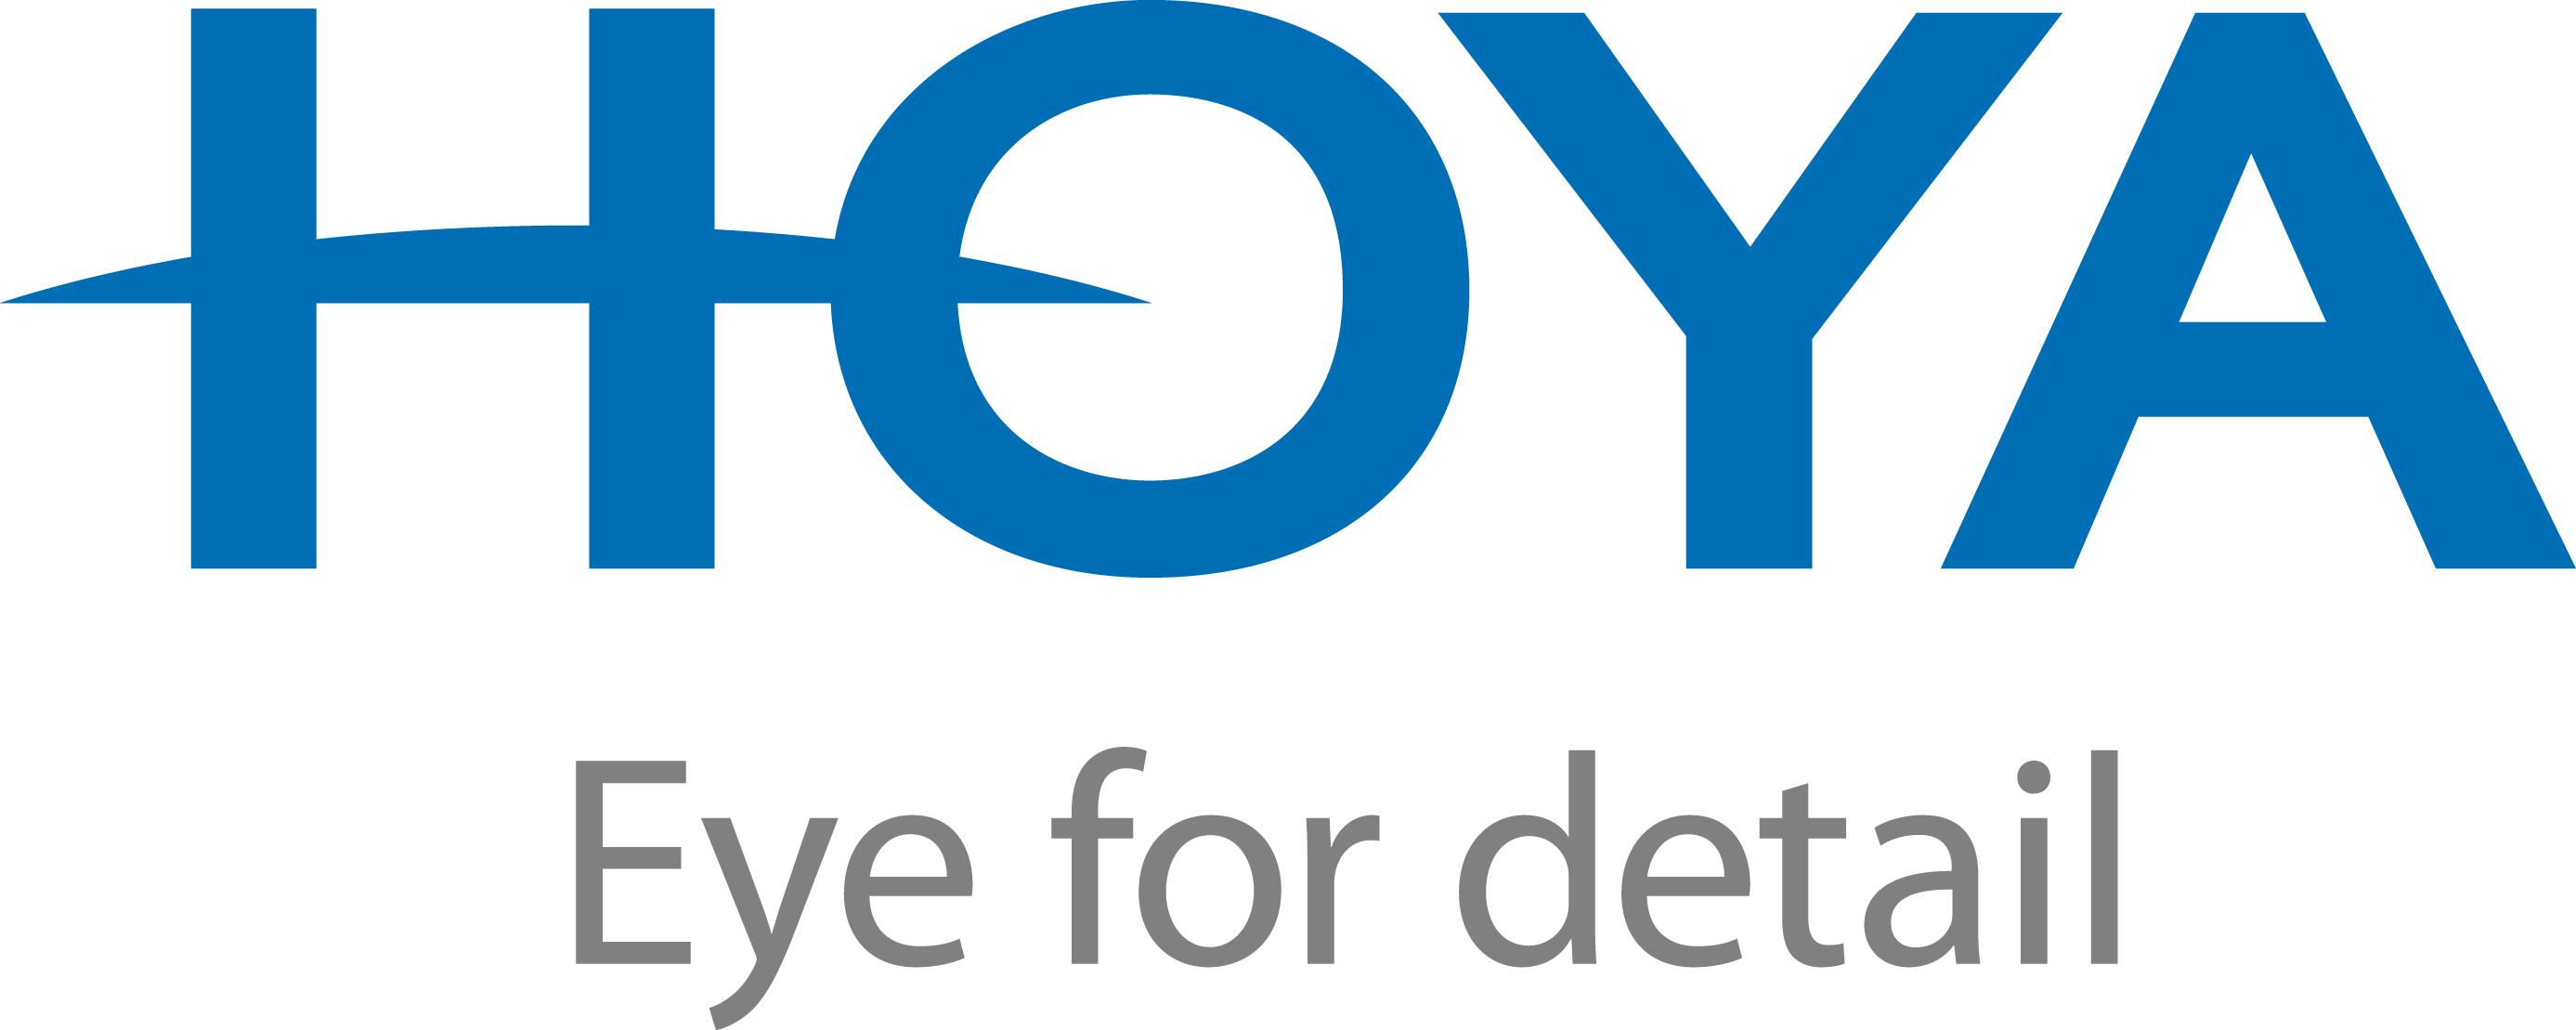 Hoya Lens UK